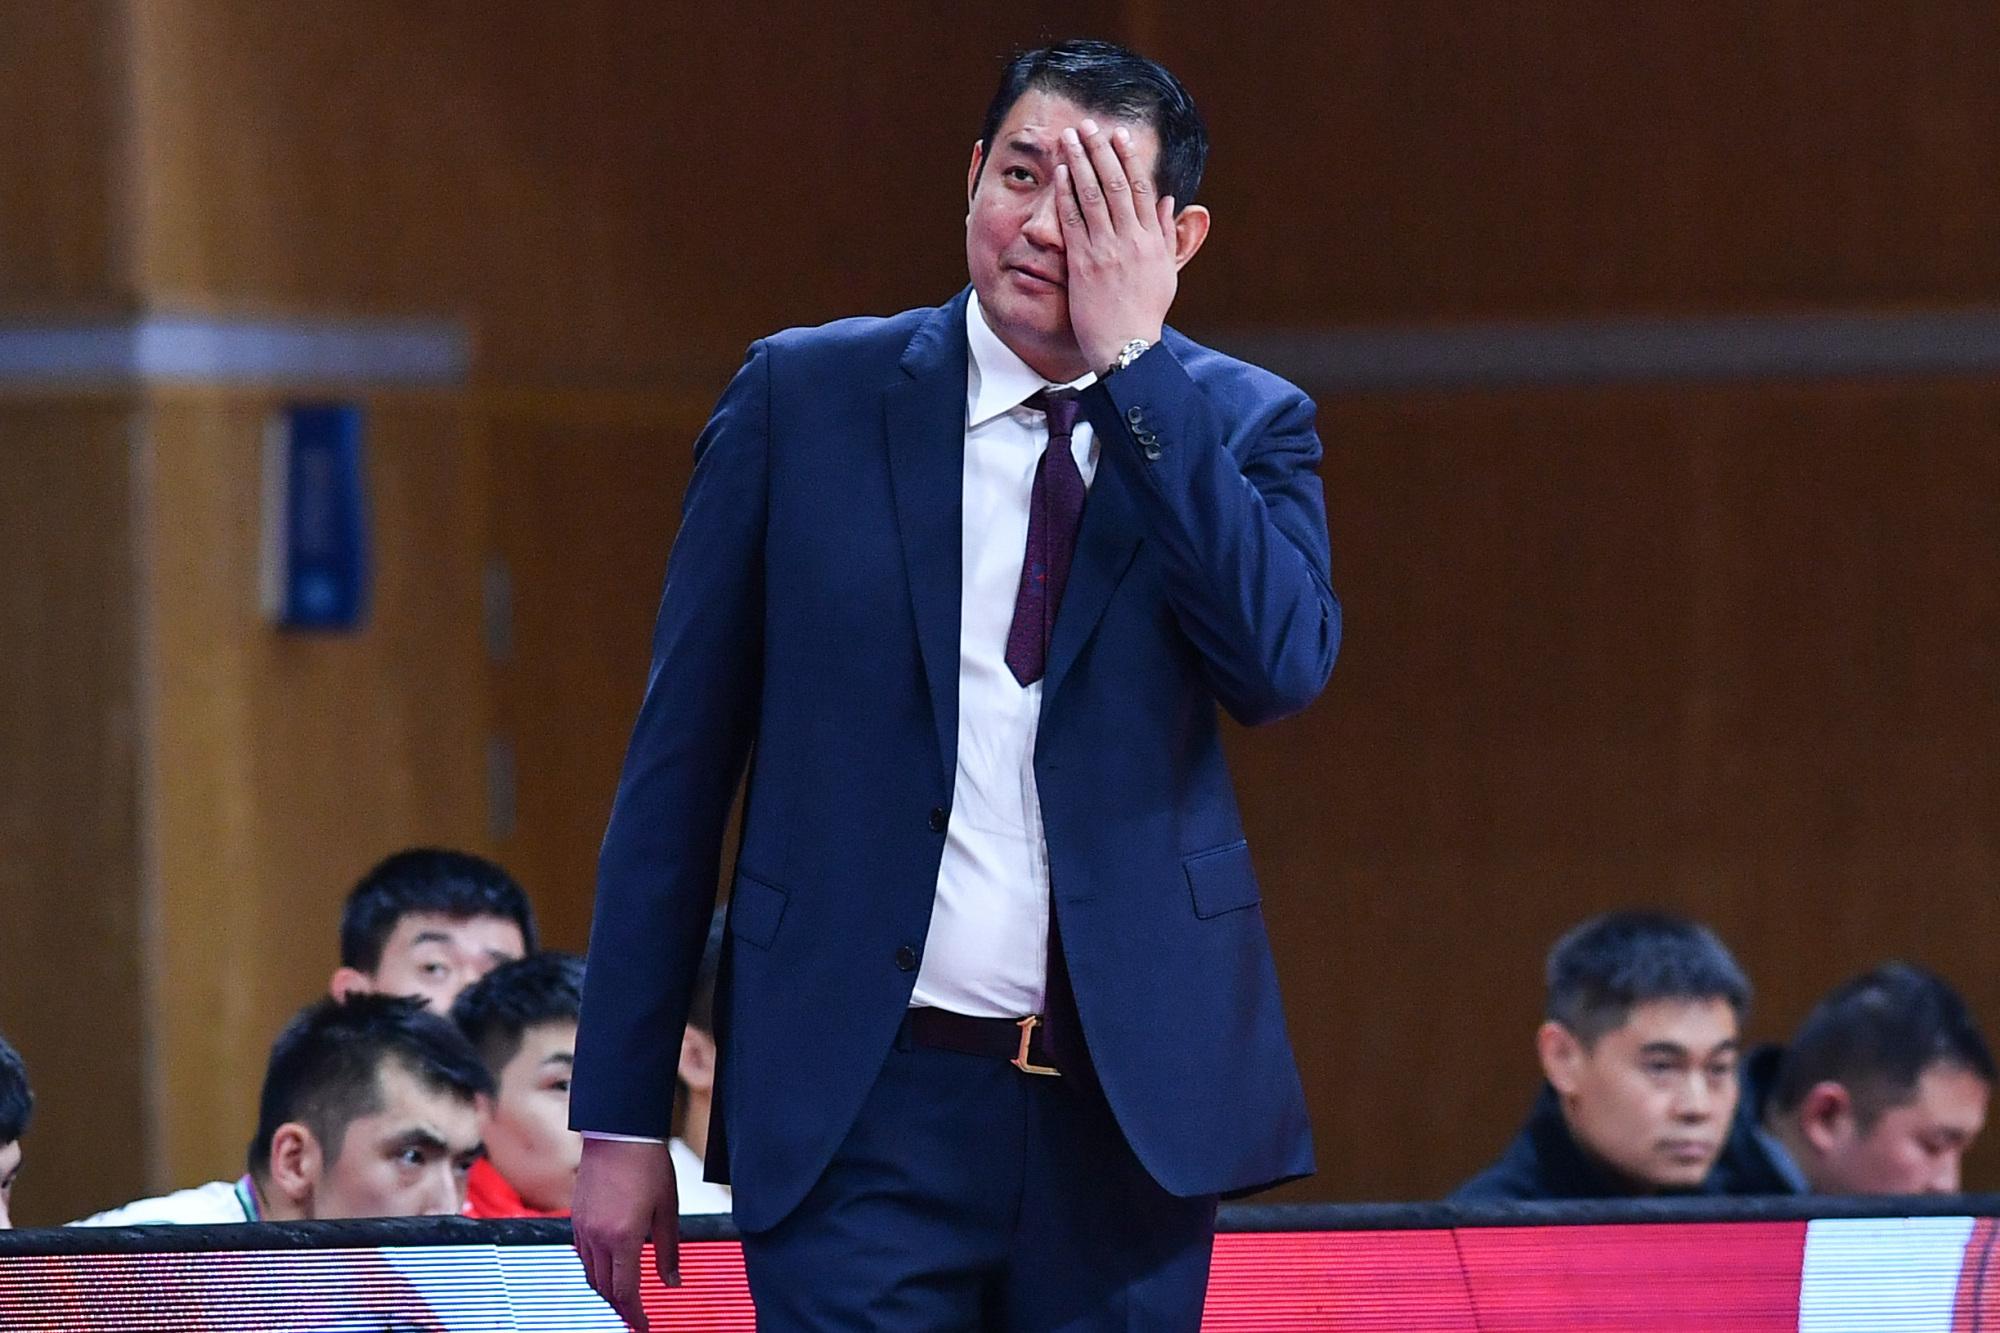 弃用陈培东和刘毅,被重用之人0分0篮板,巩晓彬用人再遭质疑